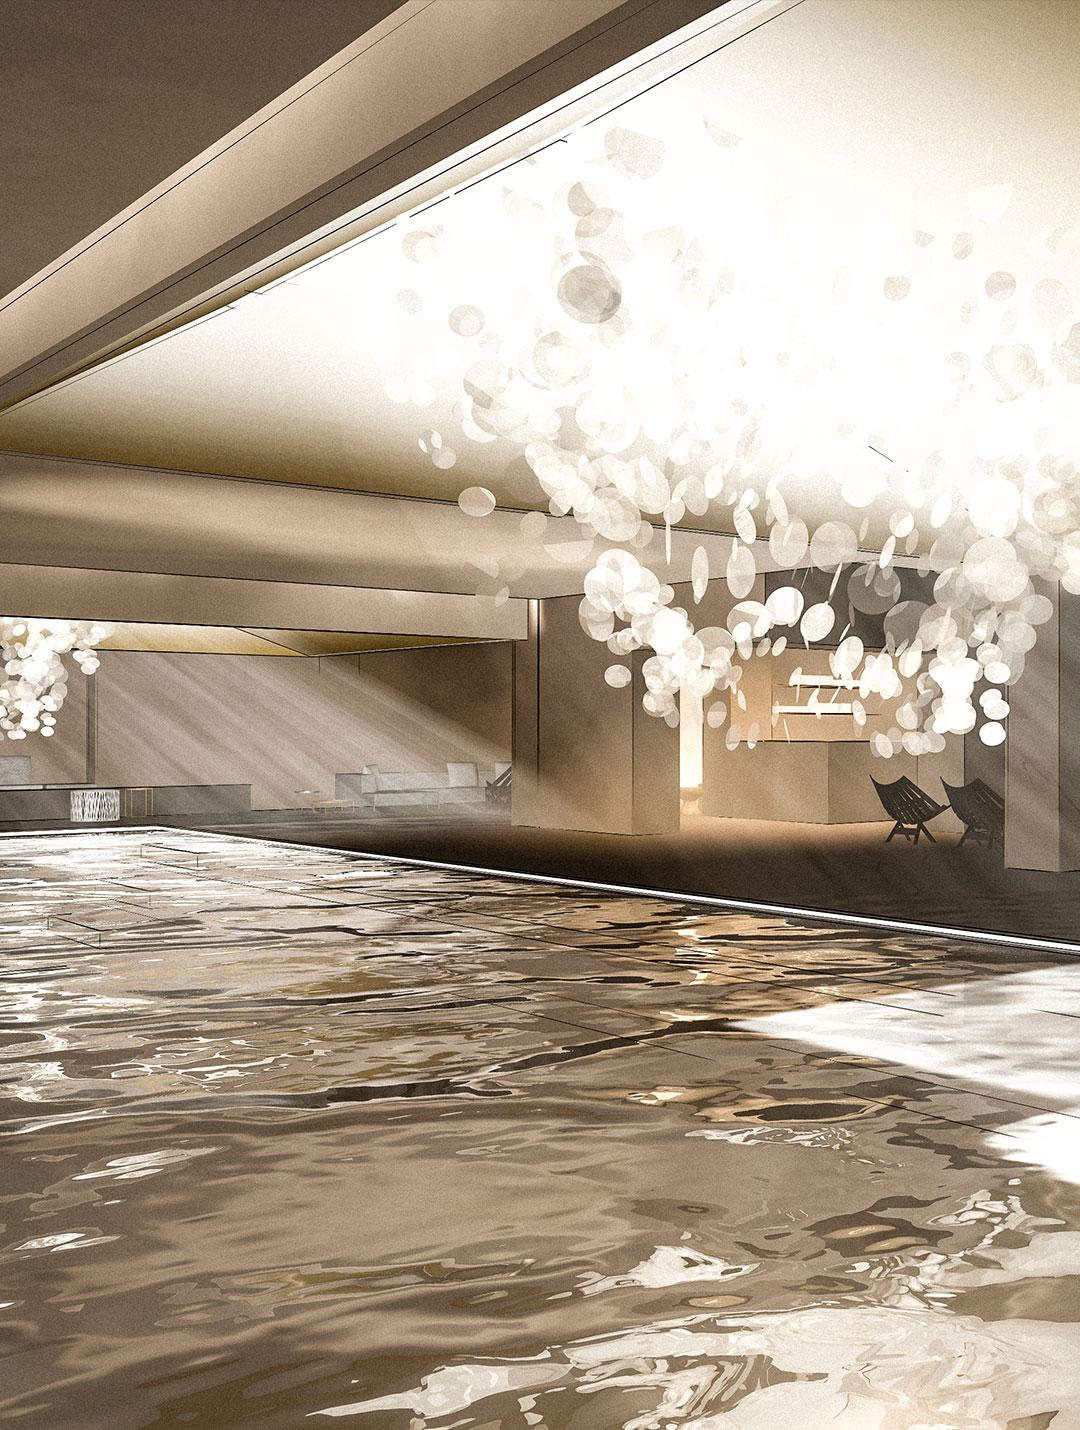 toc. designstudio - 3D Visualisierung - Rendering - Produkt & Architektur